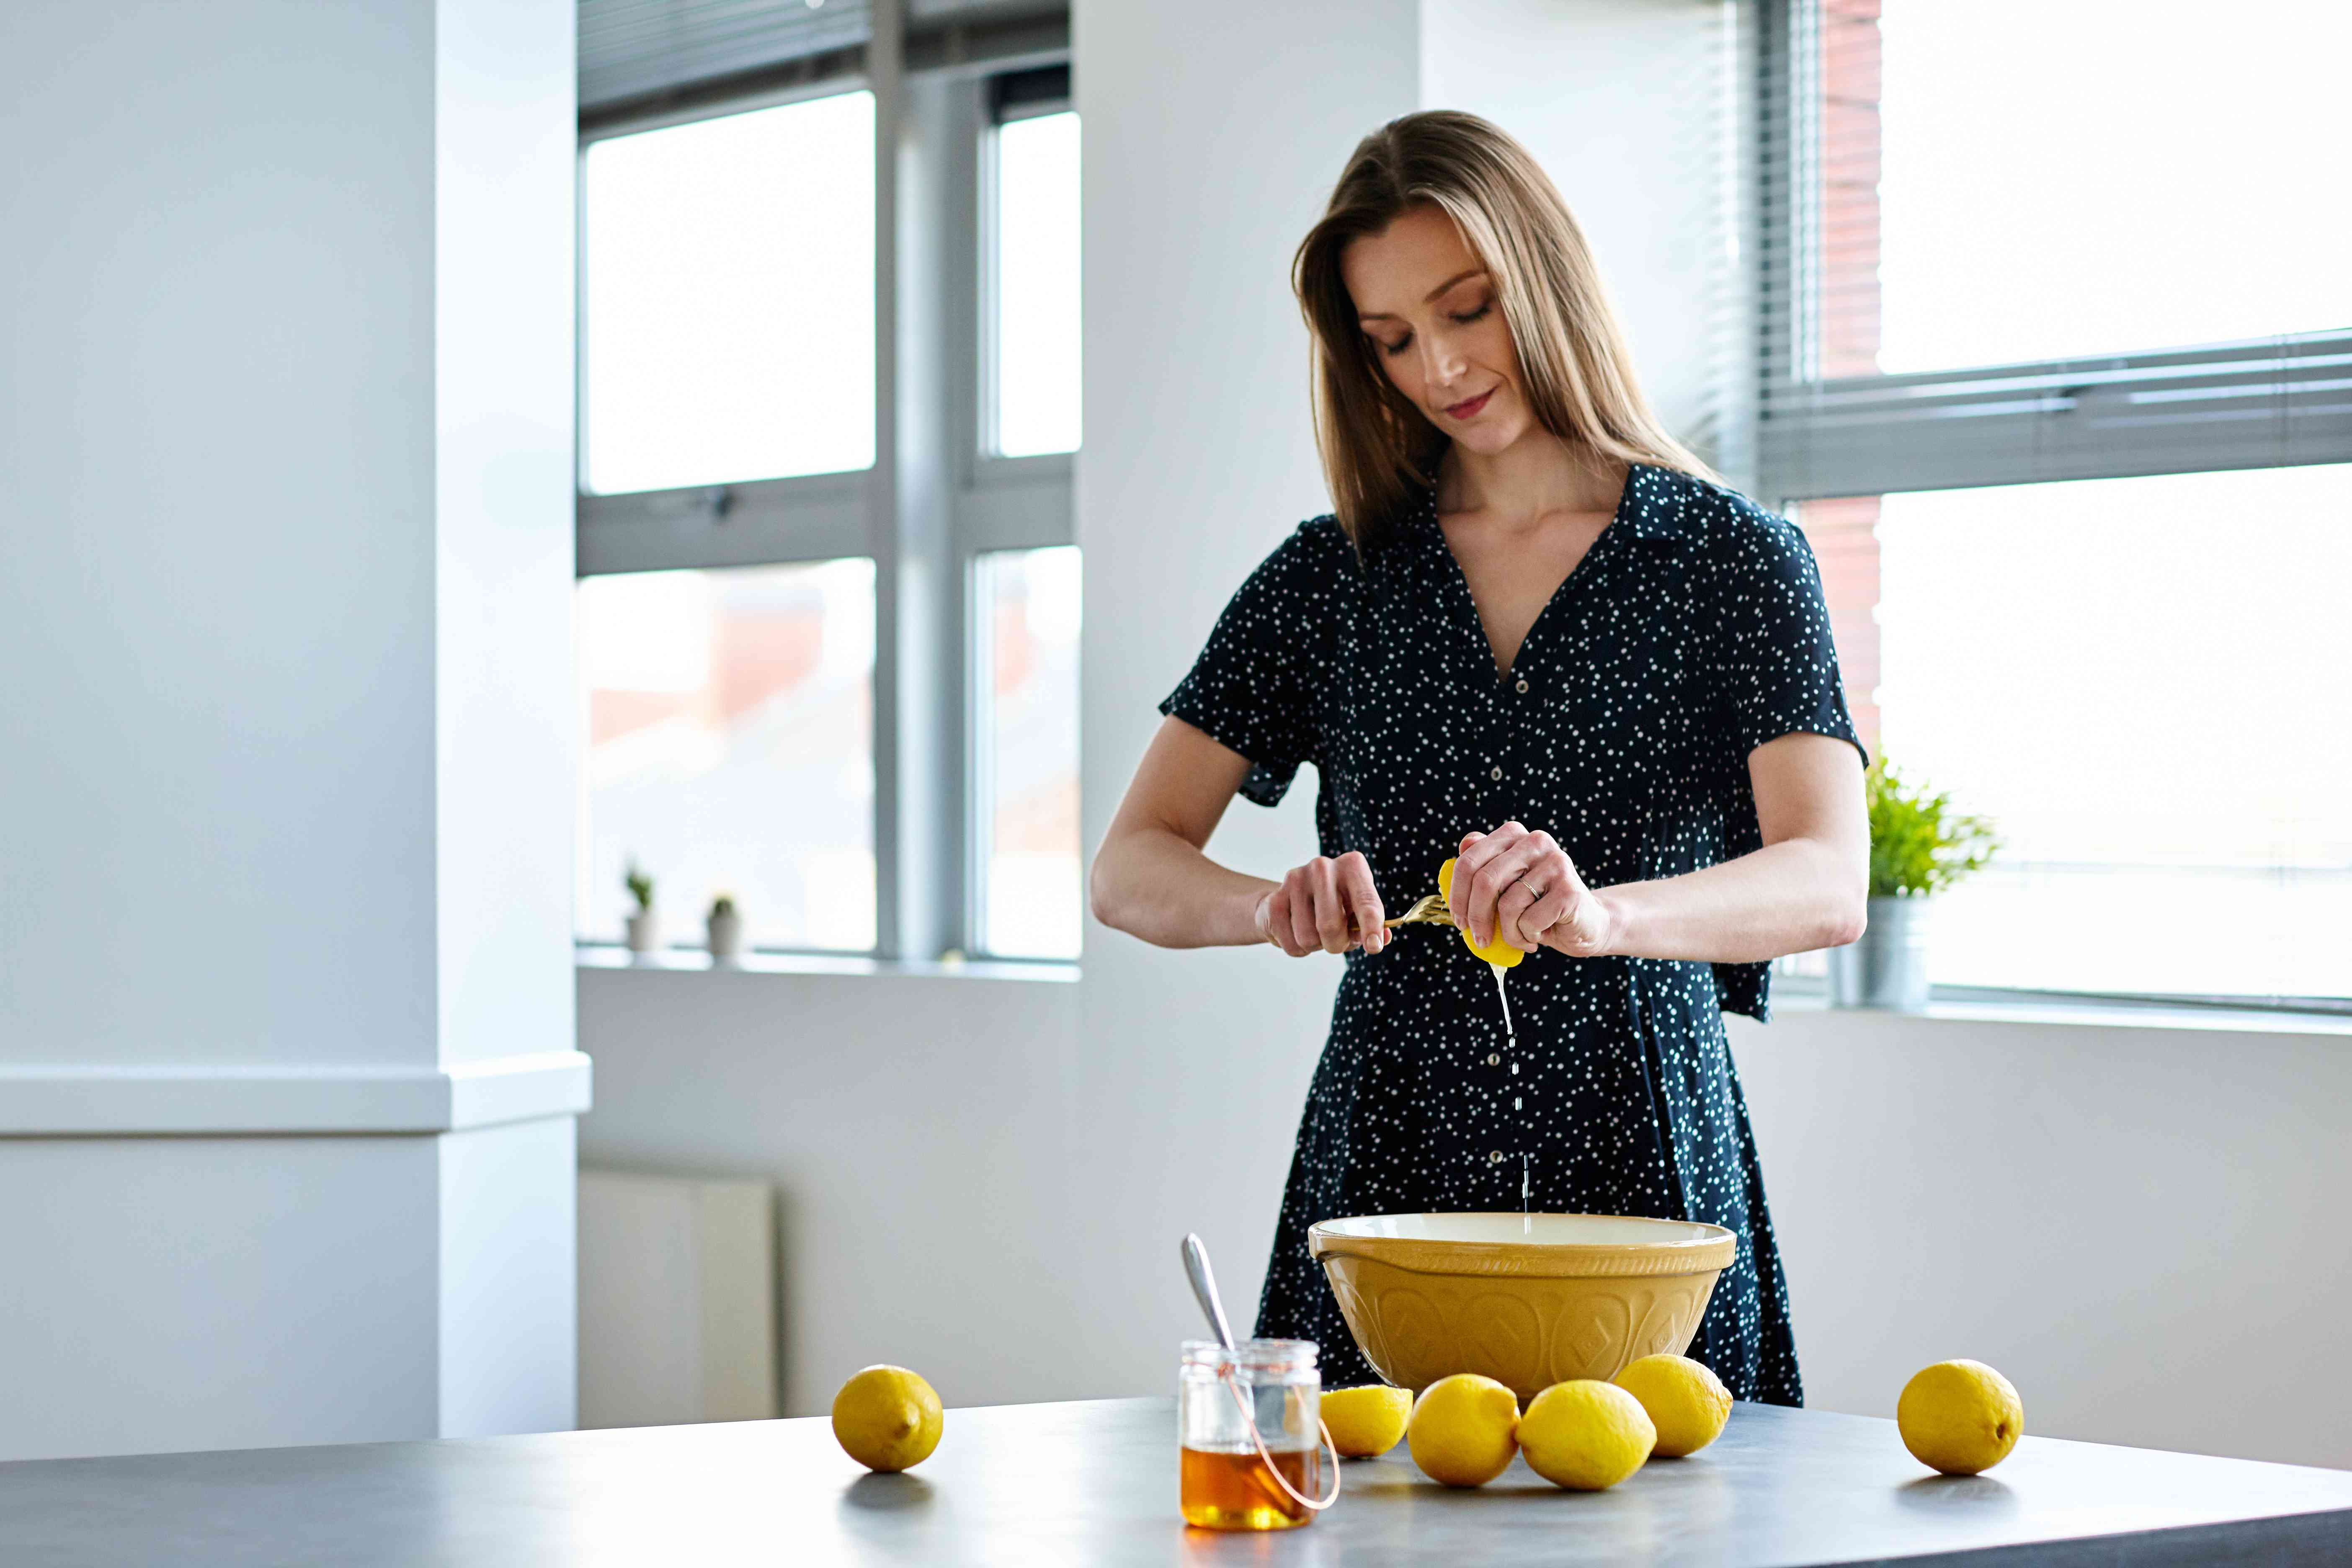 Beautiful mature woman preparing lemon juice at home